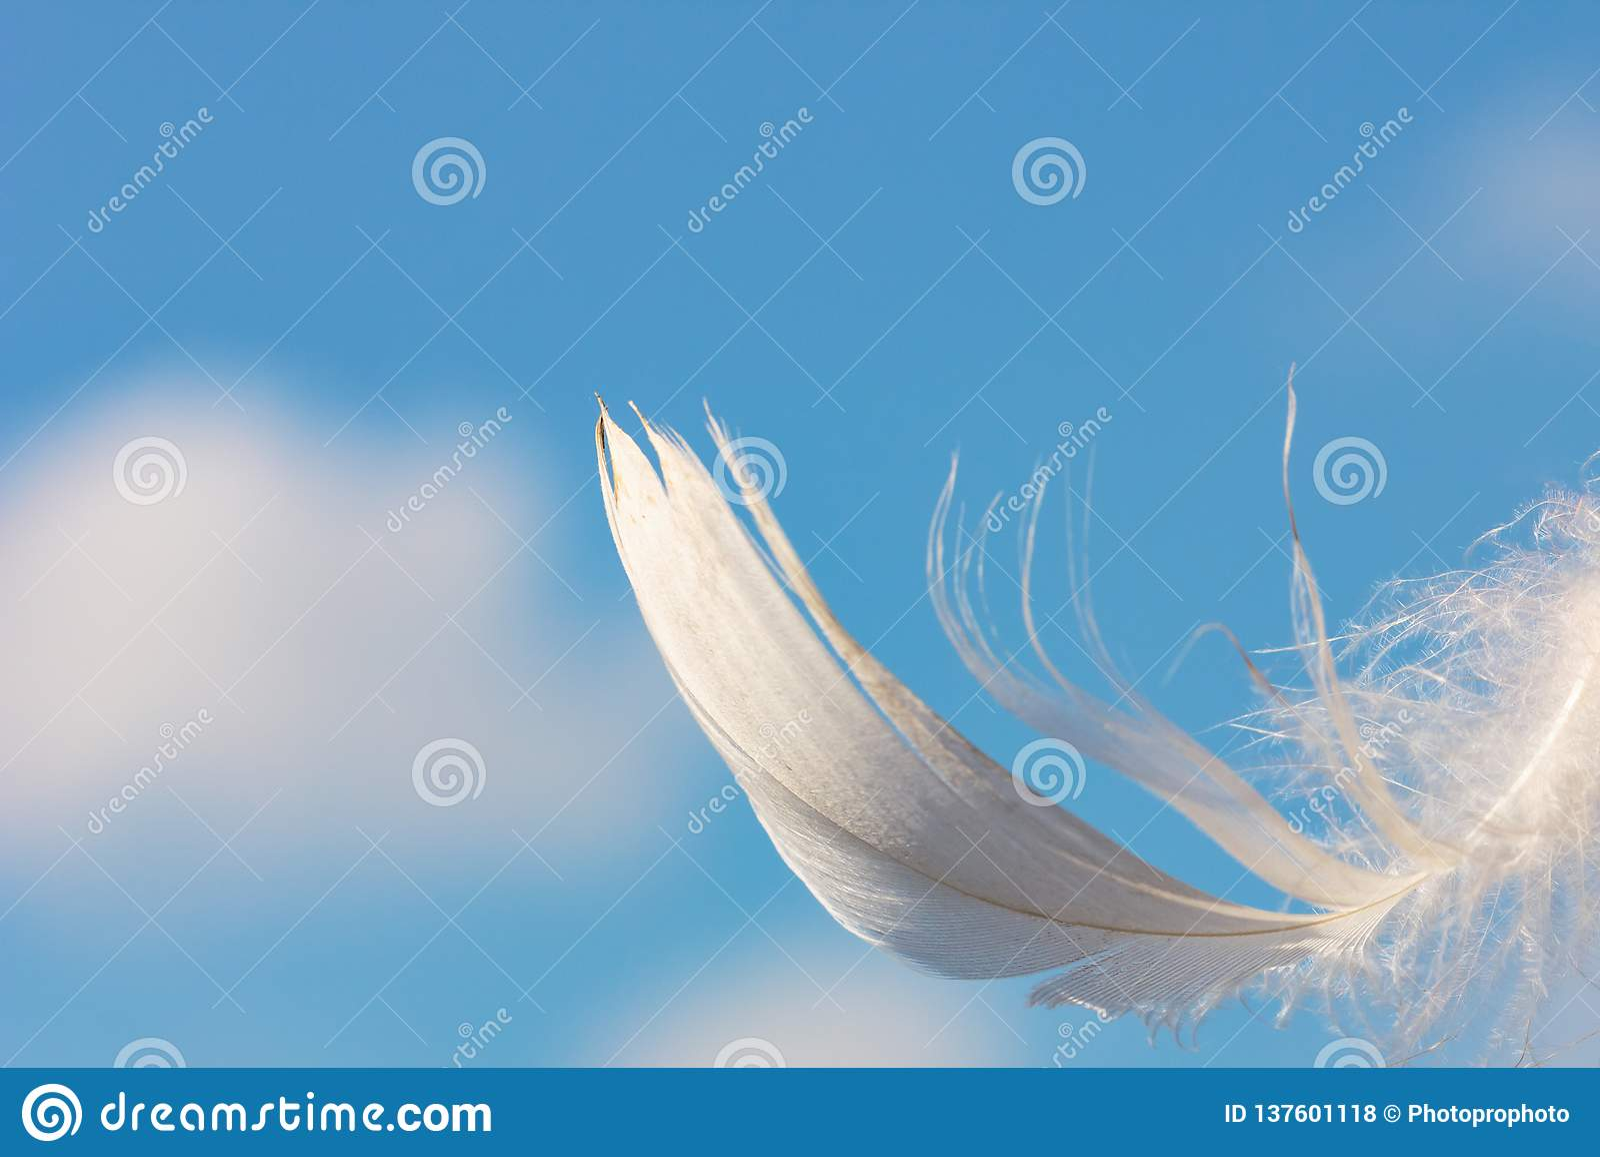 Sneeuwwitte veer op blauwe hemelachtergrond met wolken, lichtheidsconcept